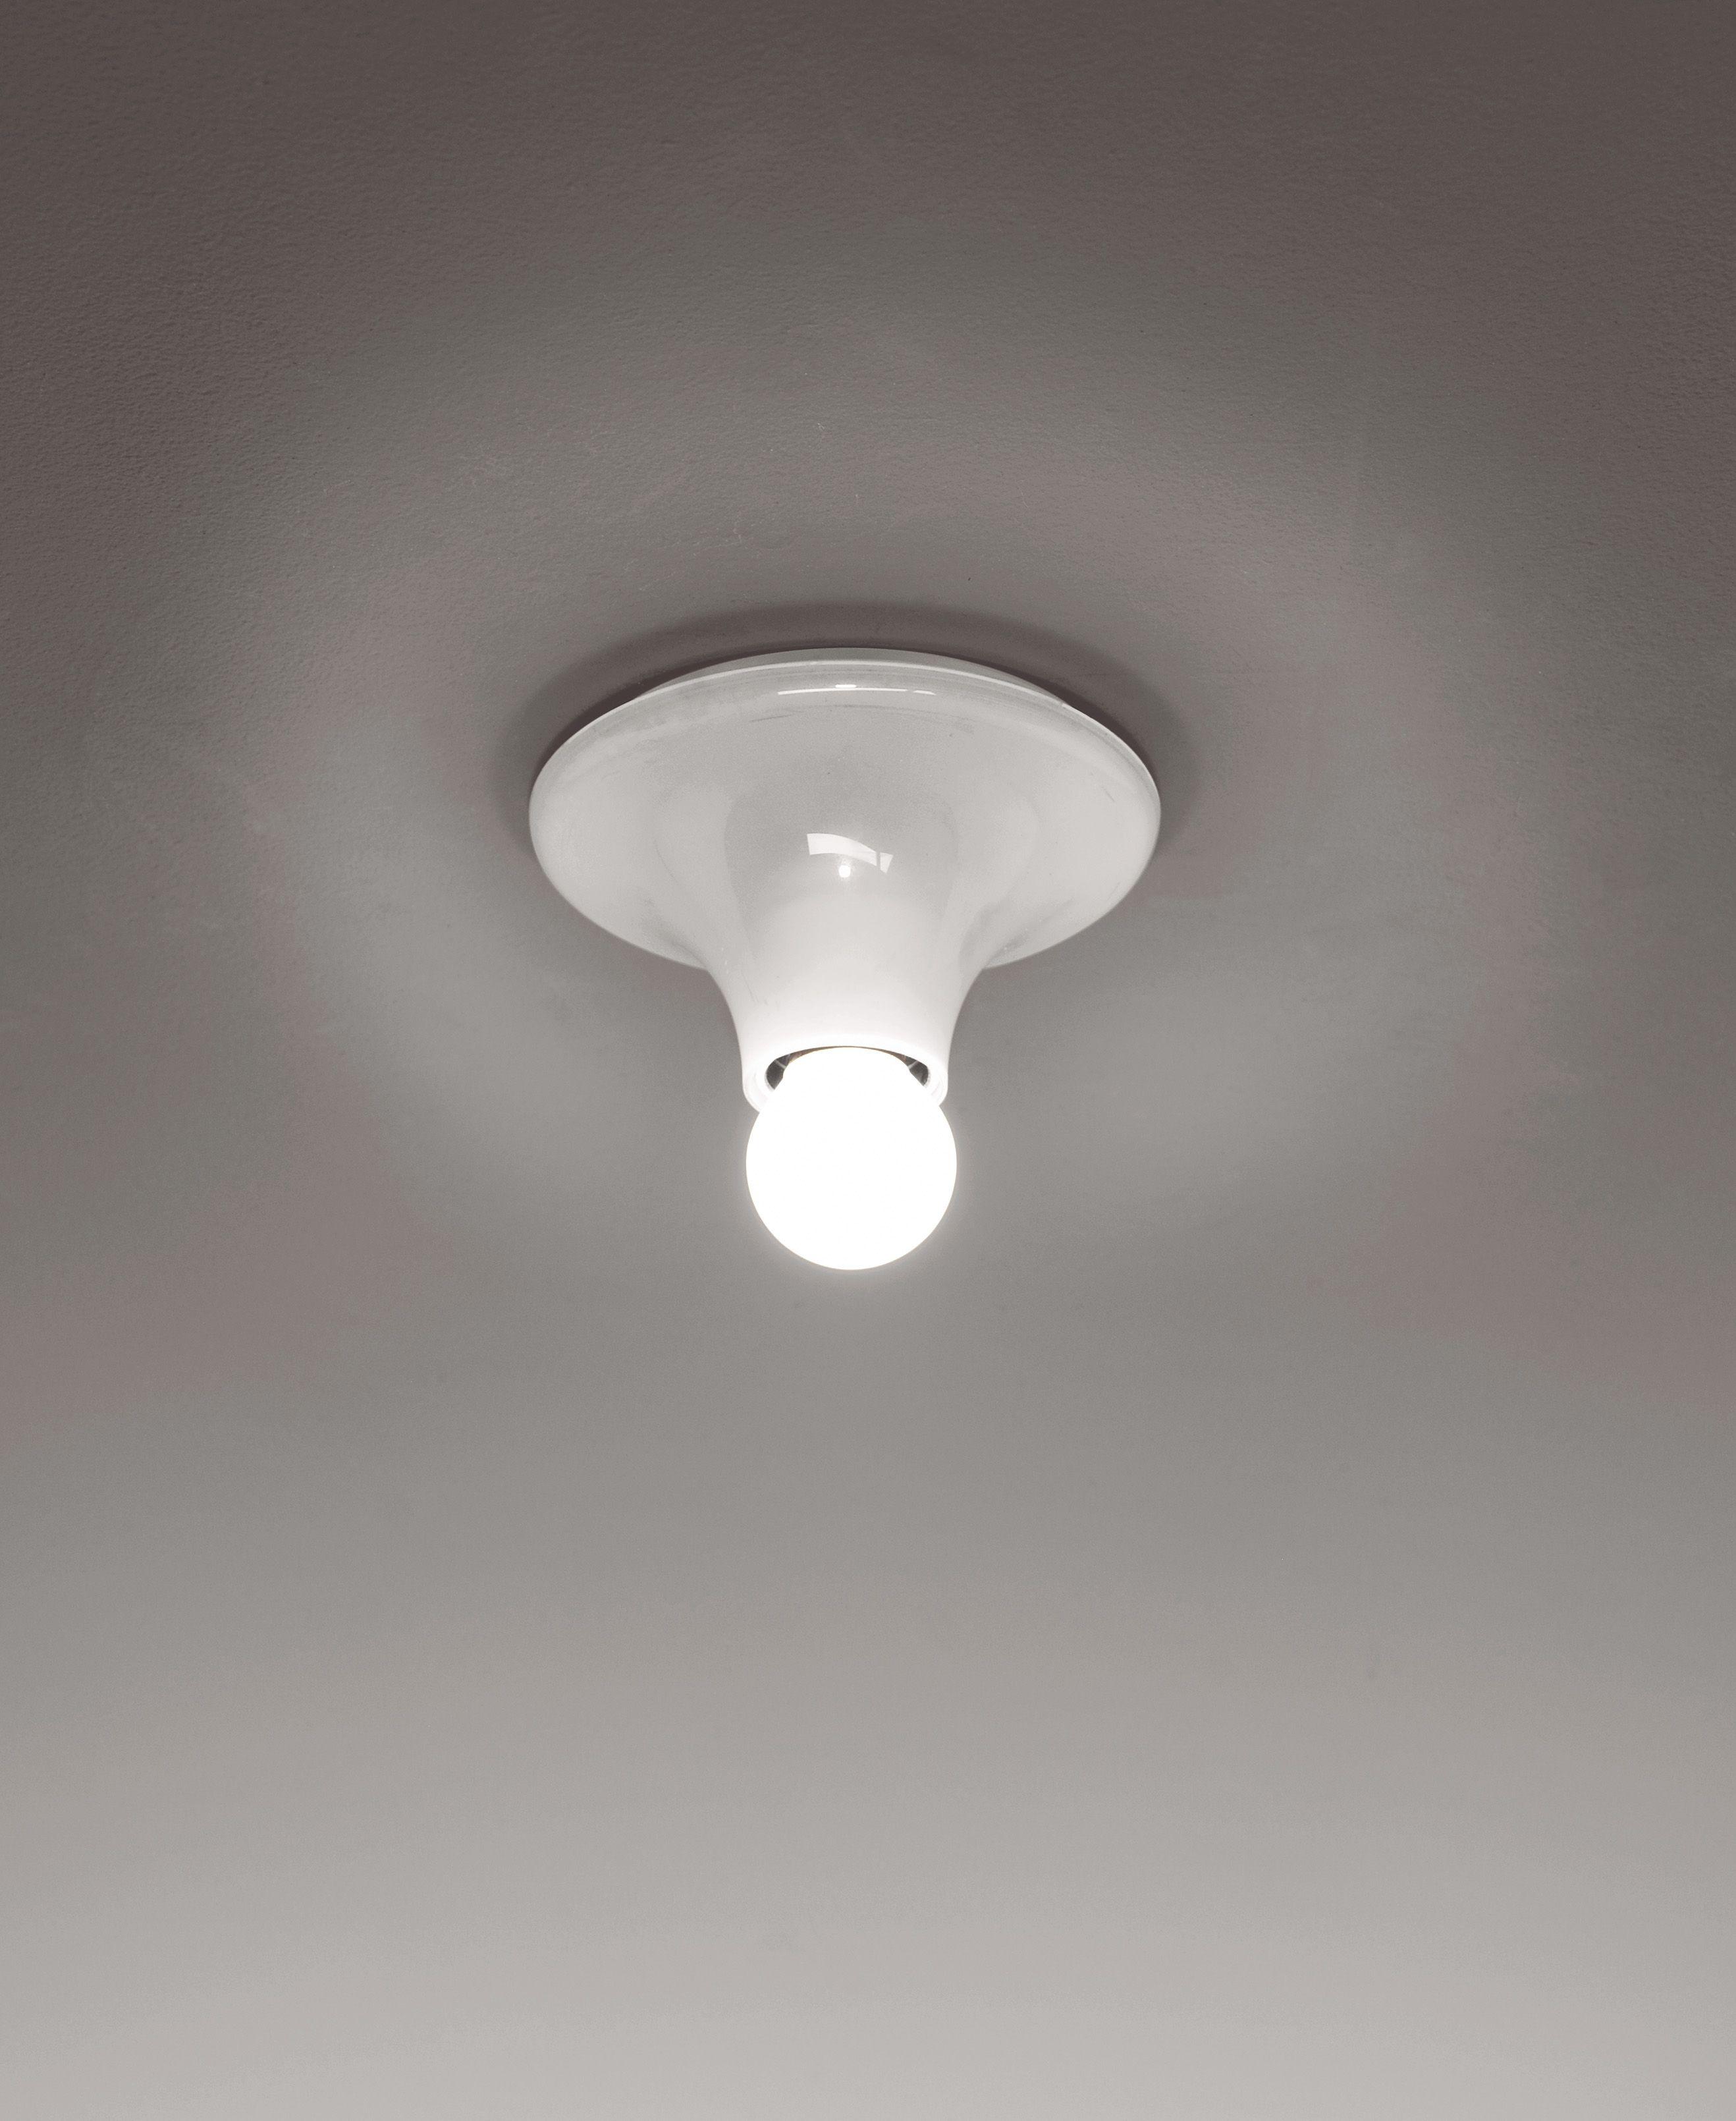 Teti Prediger Spiegel Mit Beleuchtung Deckenlampe Bad Und Lampen Decke